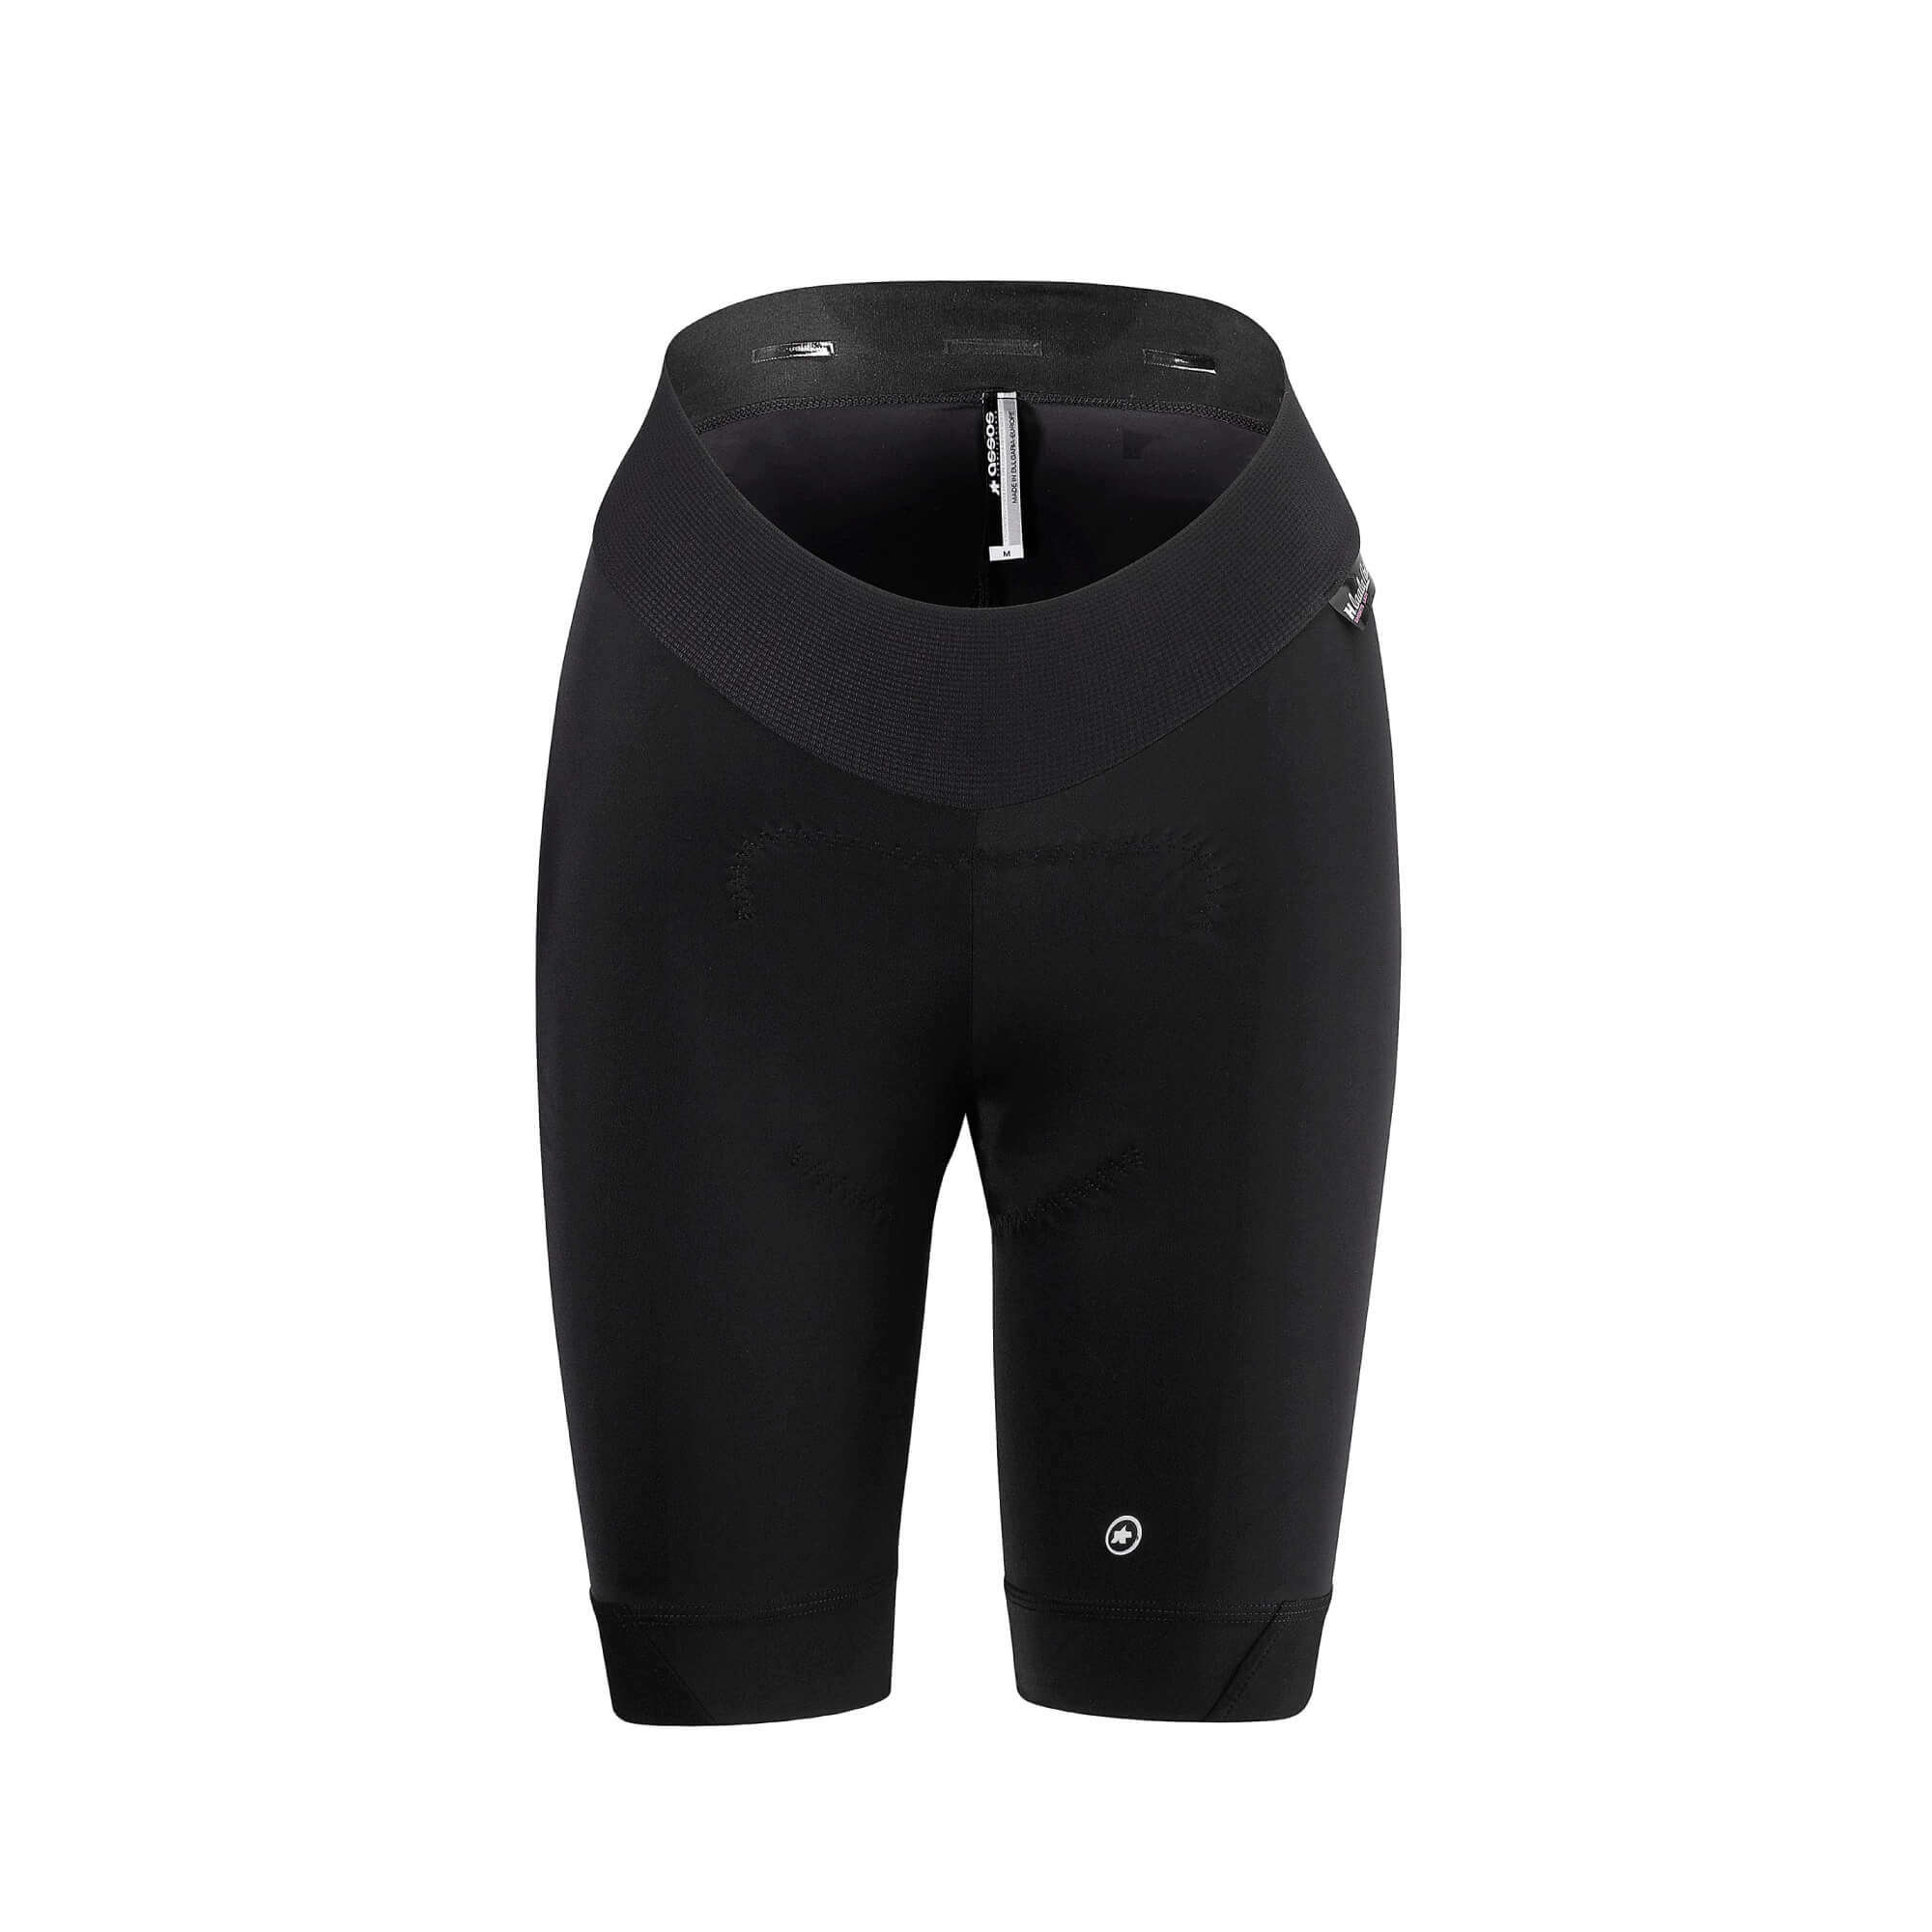 H.Laalalai S7 Lady Block Black Shorts-1